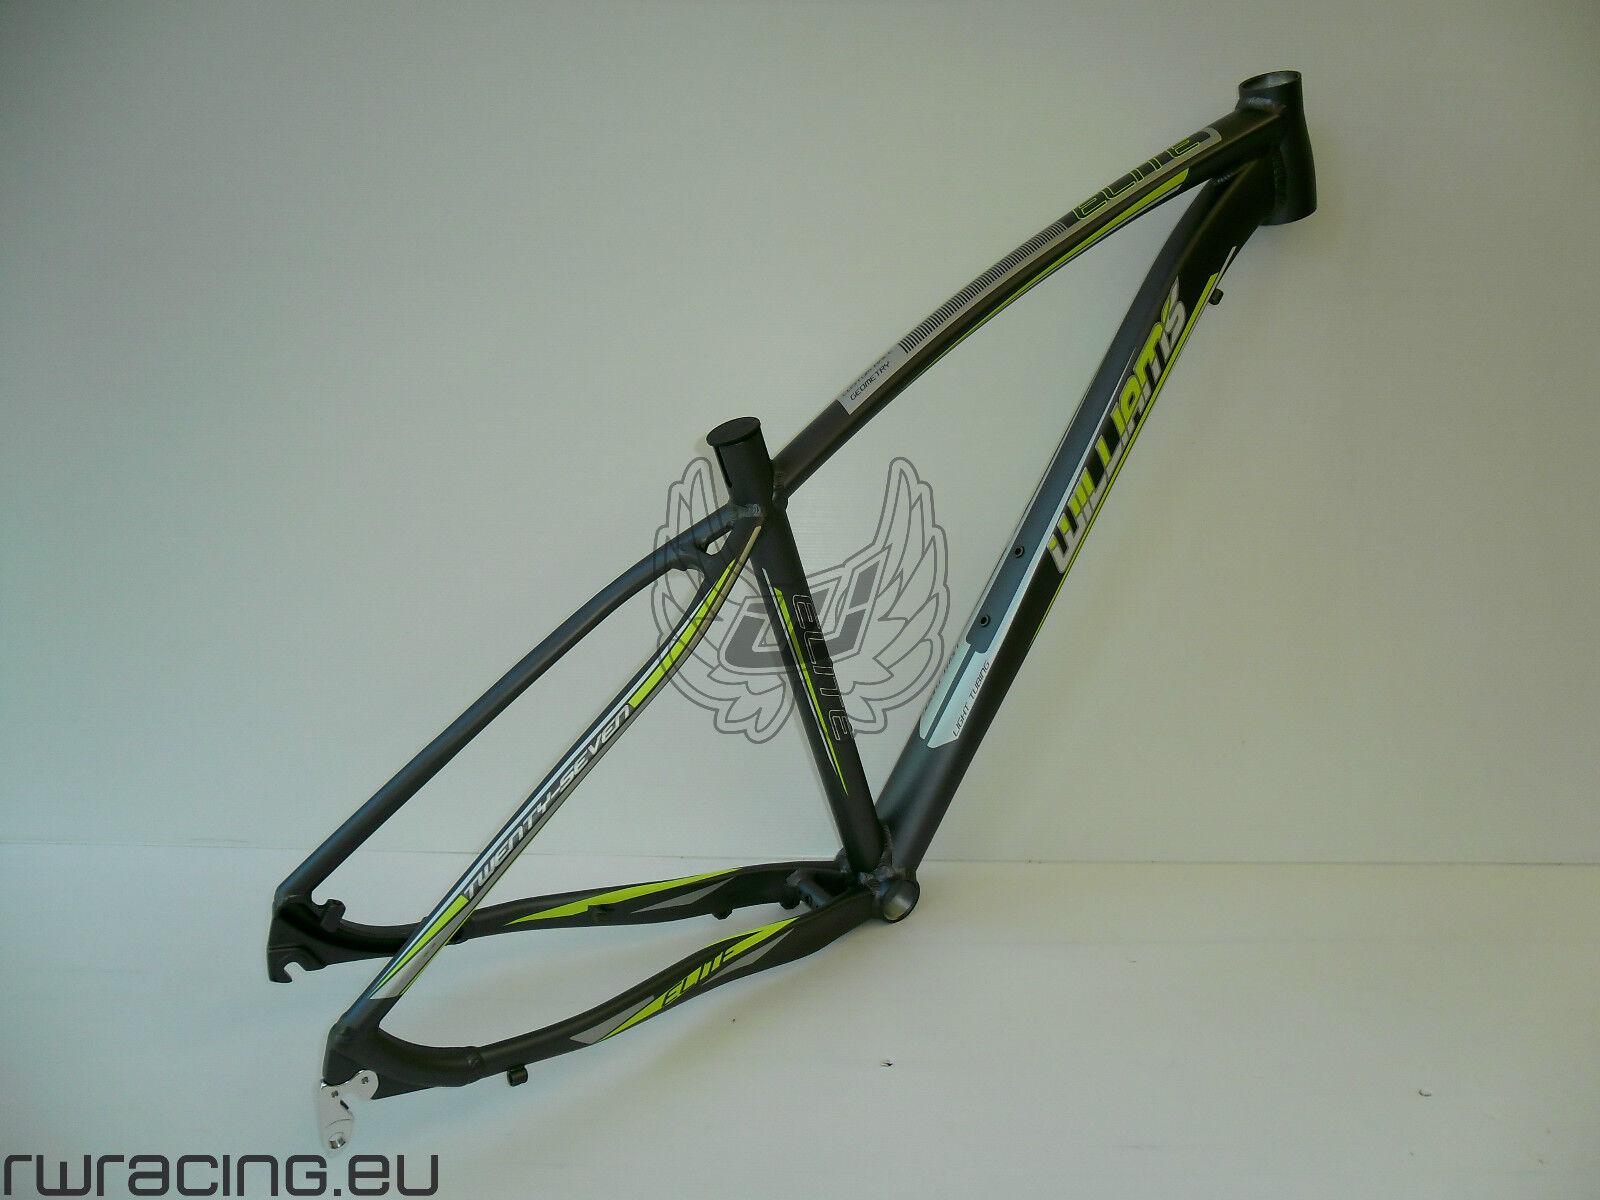 Telaio mtb 29 per bici   xc   crosscountry alluminio Williams ANTRACITE   LIME